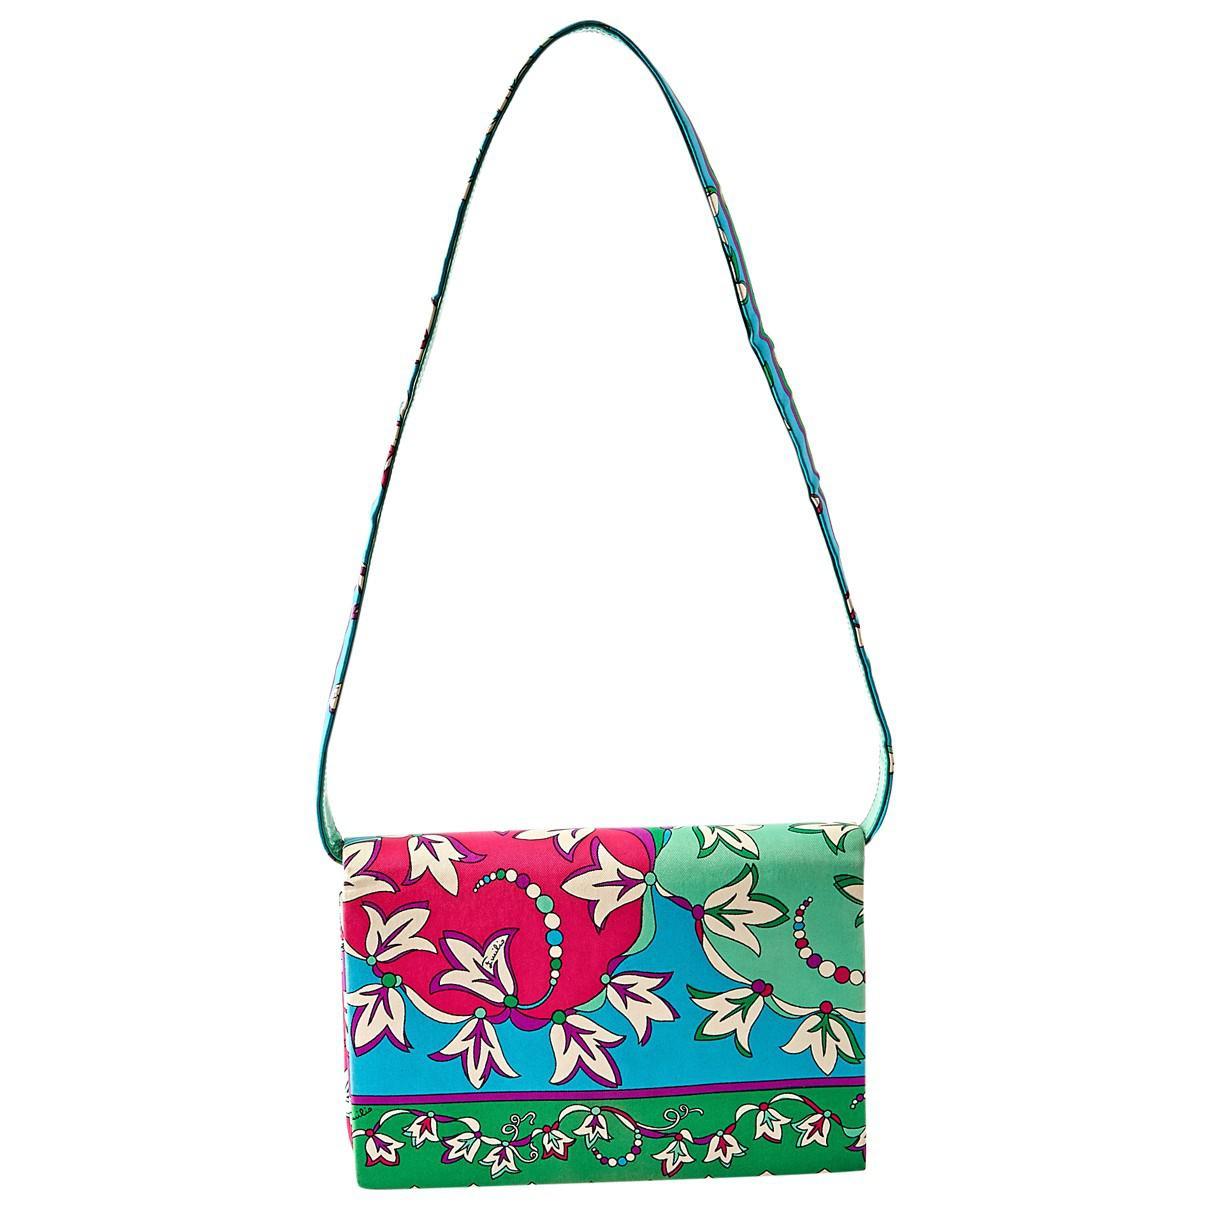 Emilio Pucci Pre-owned - Cloth clutch bag U0h3NyS